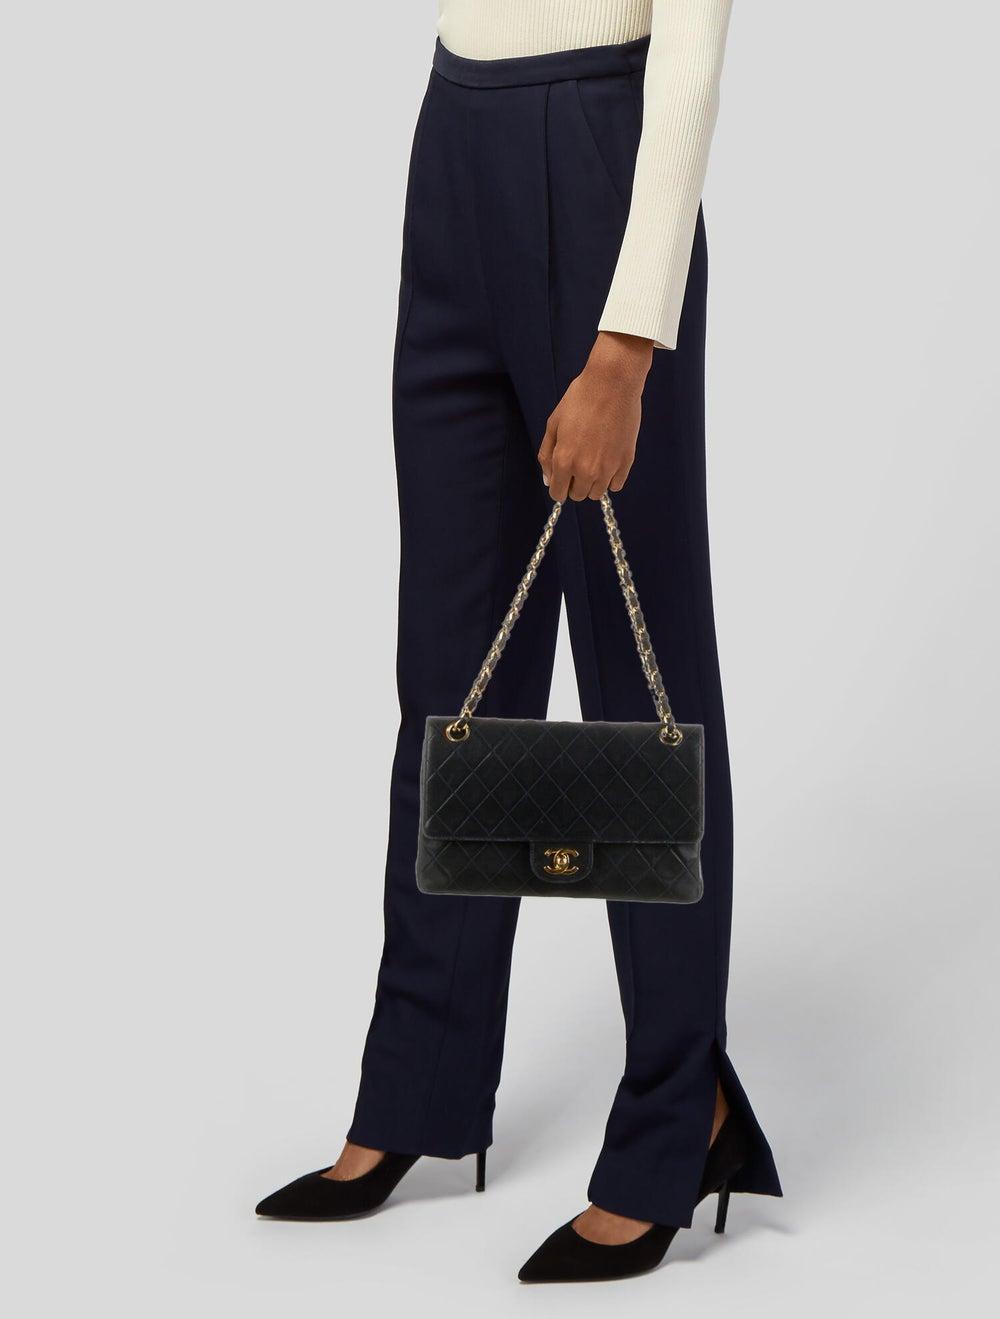 Chanel Vintage Classic Medium Double Flap Bag Blue - image 2